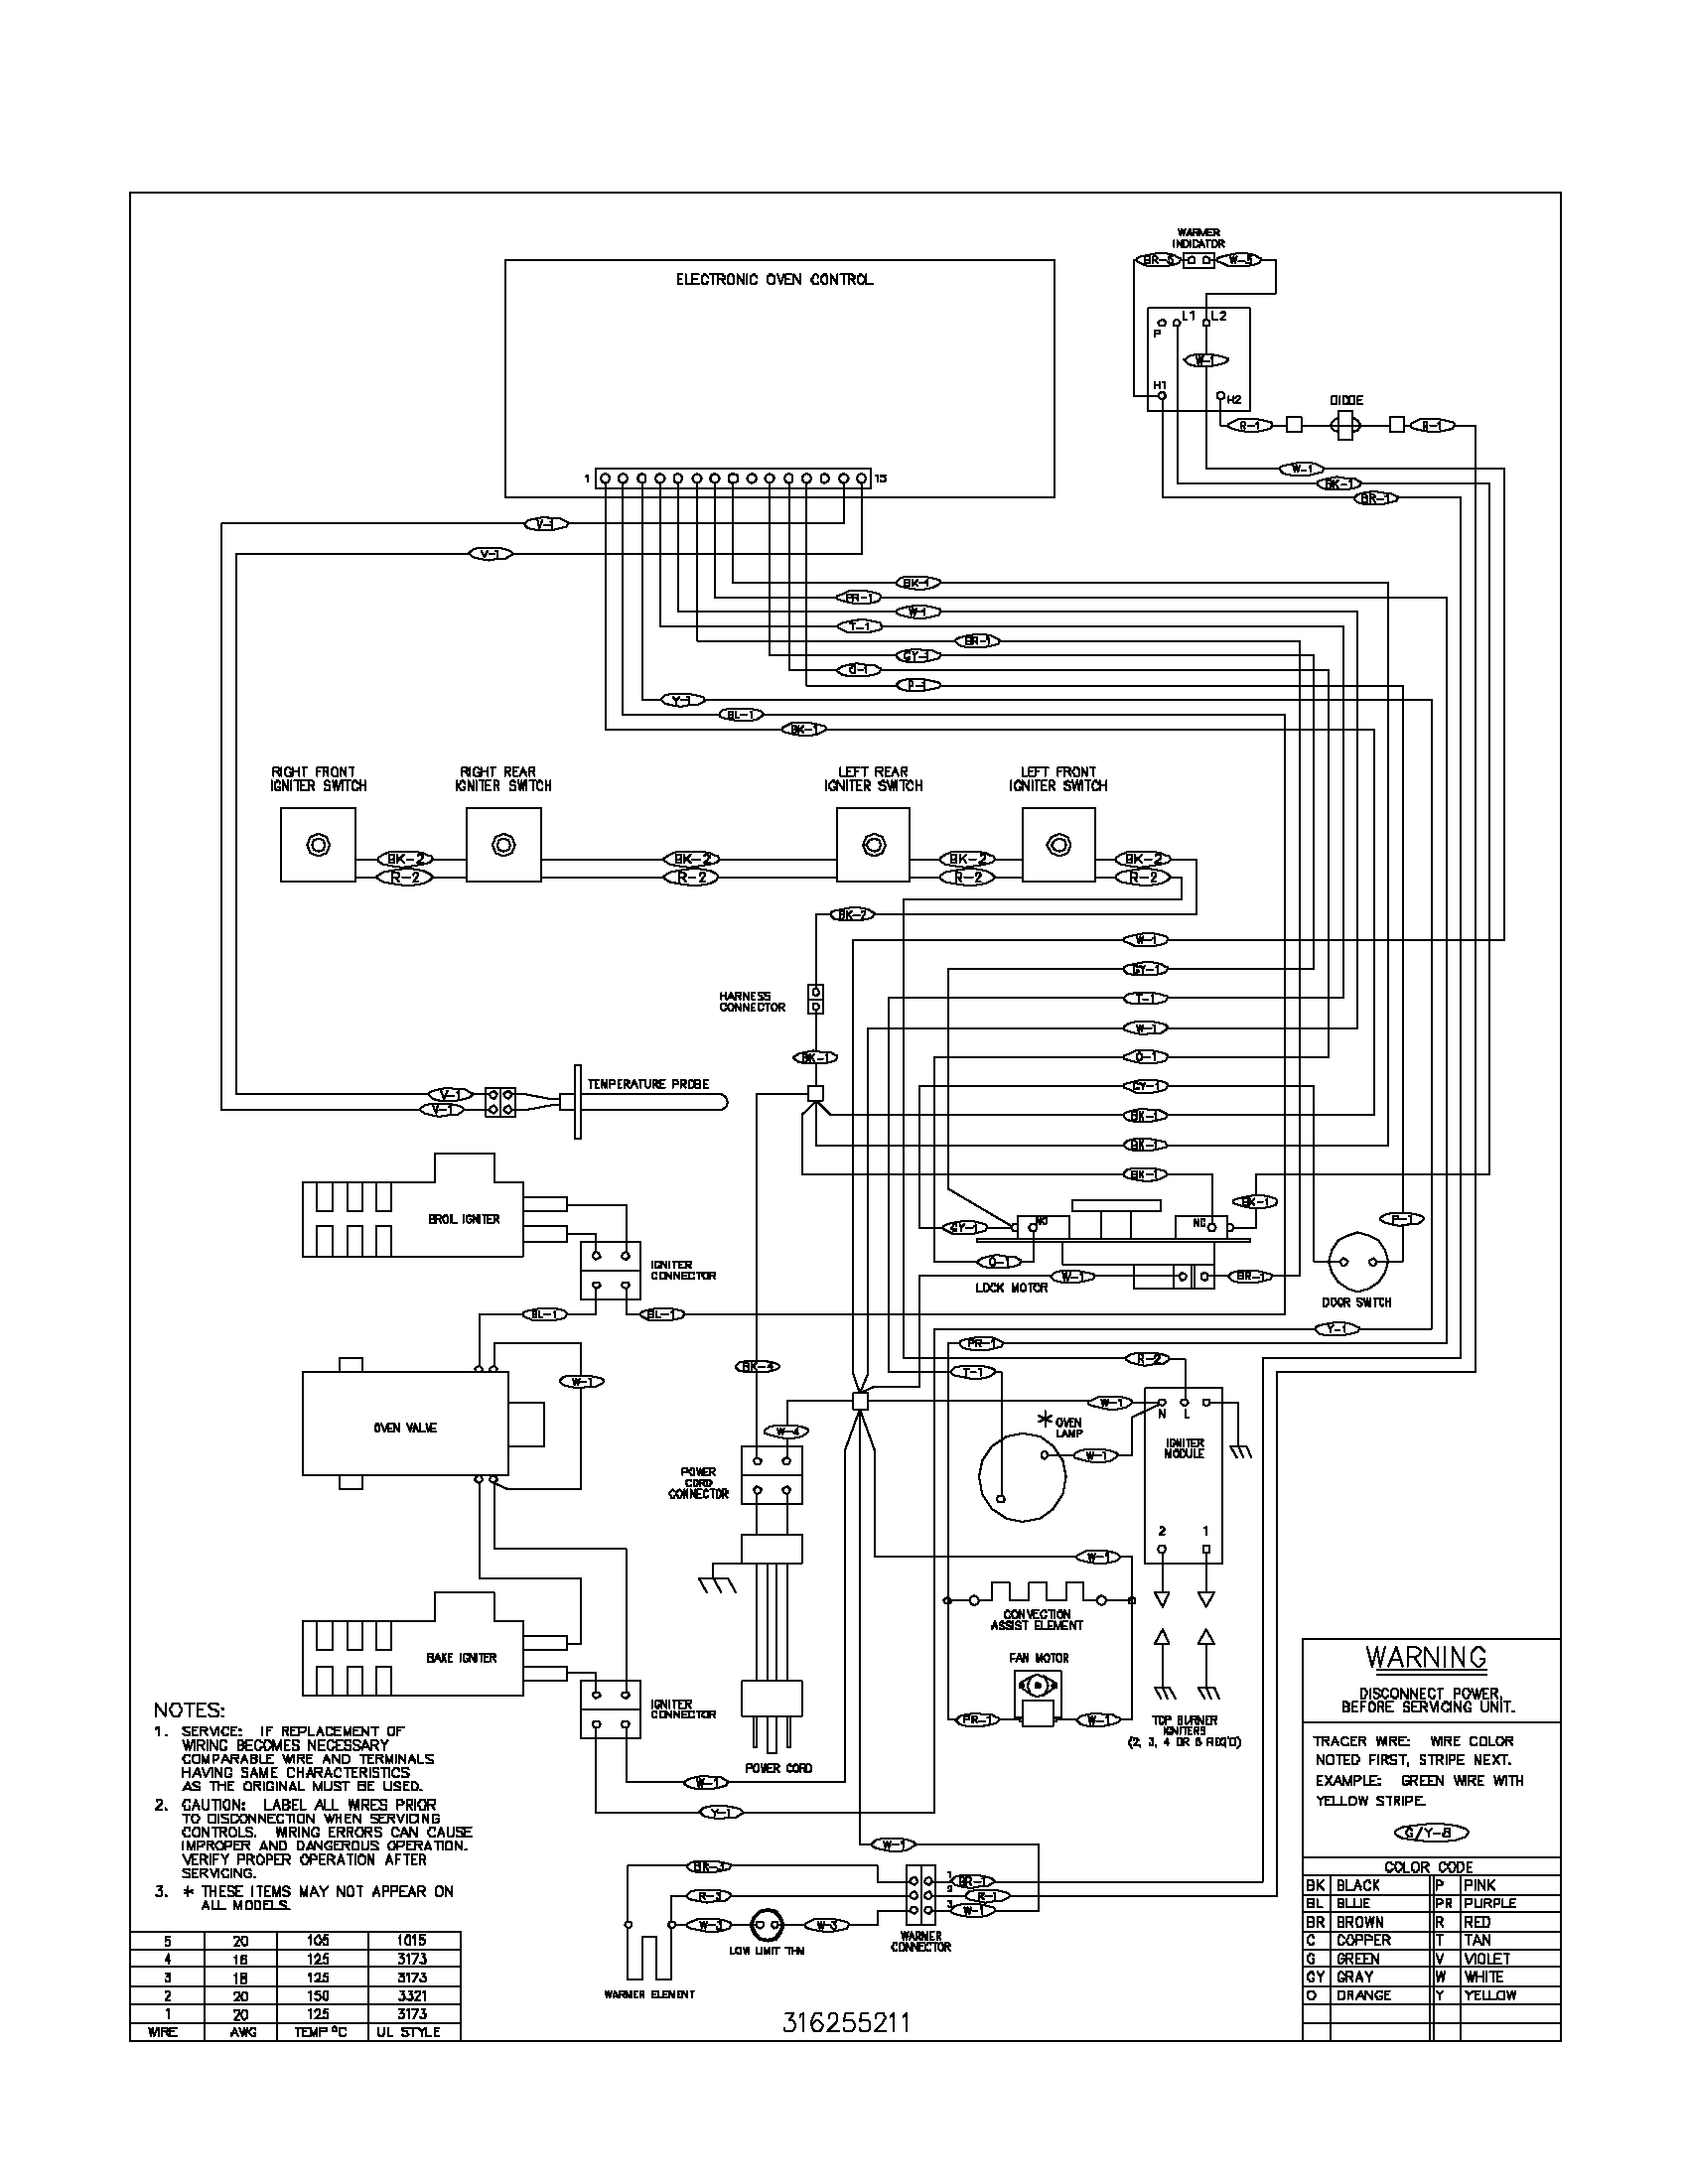 kubota work light wiring diagram wiring diagram data valkubota work light wiring diagram wiring diagram official kubota bx23 wiring diagram wiring librarykubota wiring diagram